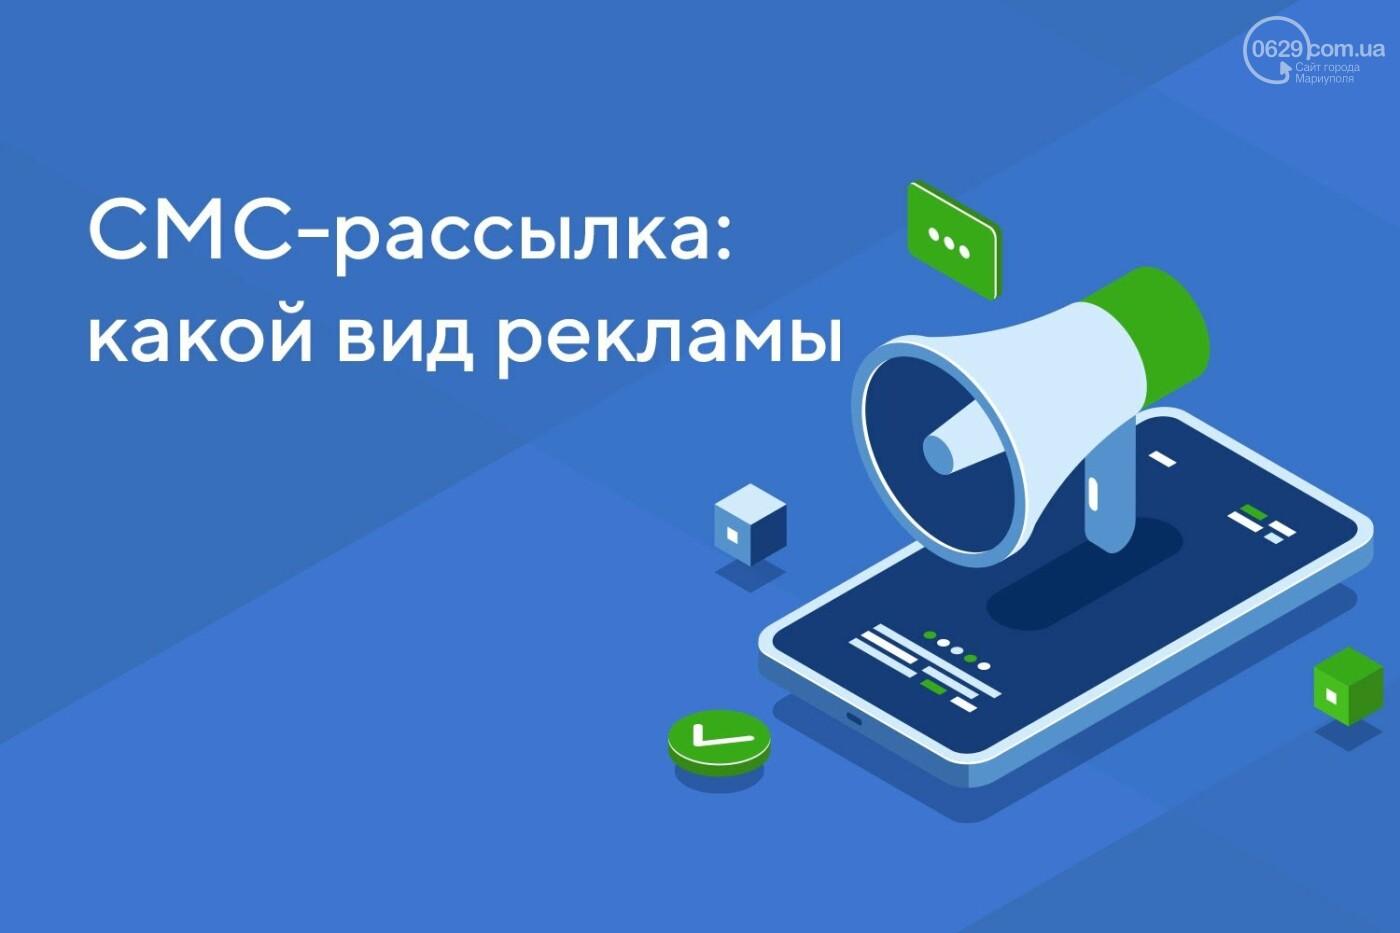 Выбрать рекламу для бизнеса. Смс рассылка это какой вид рекламы?, фото-1